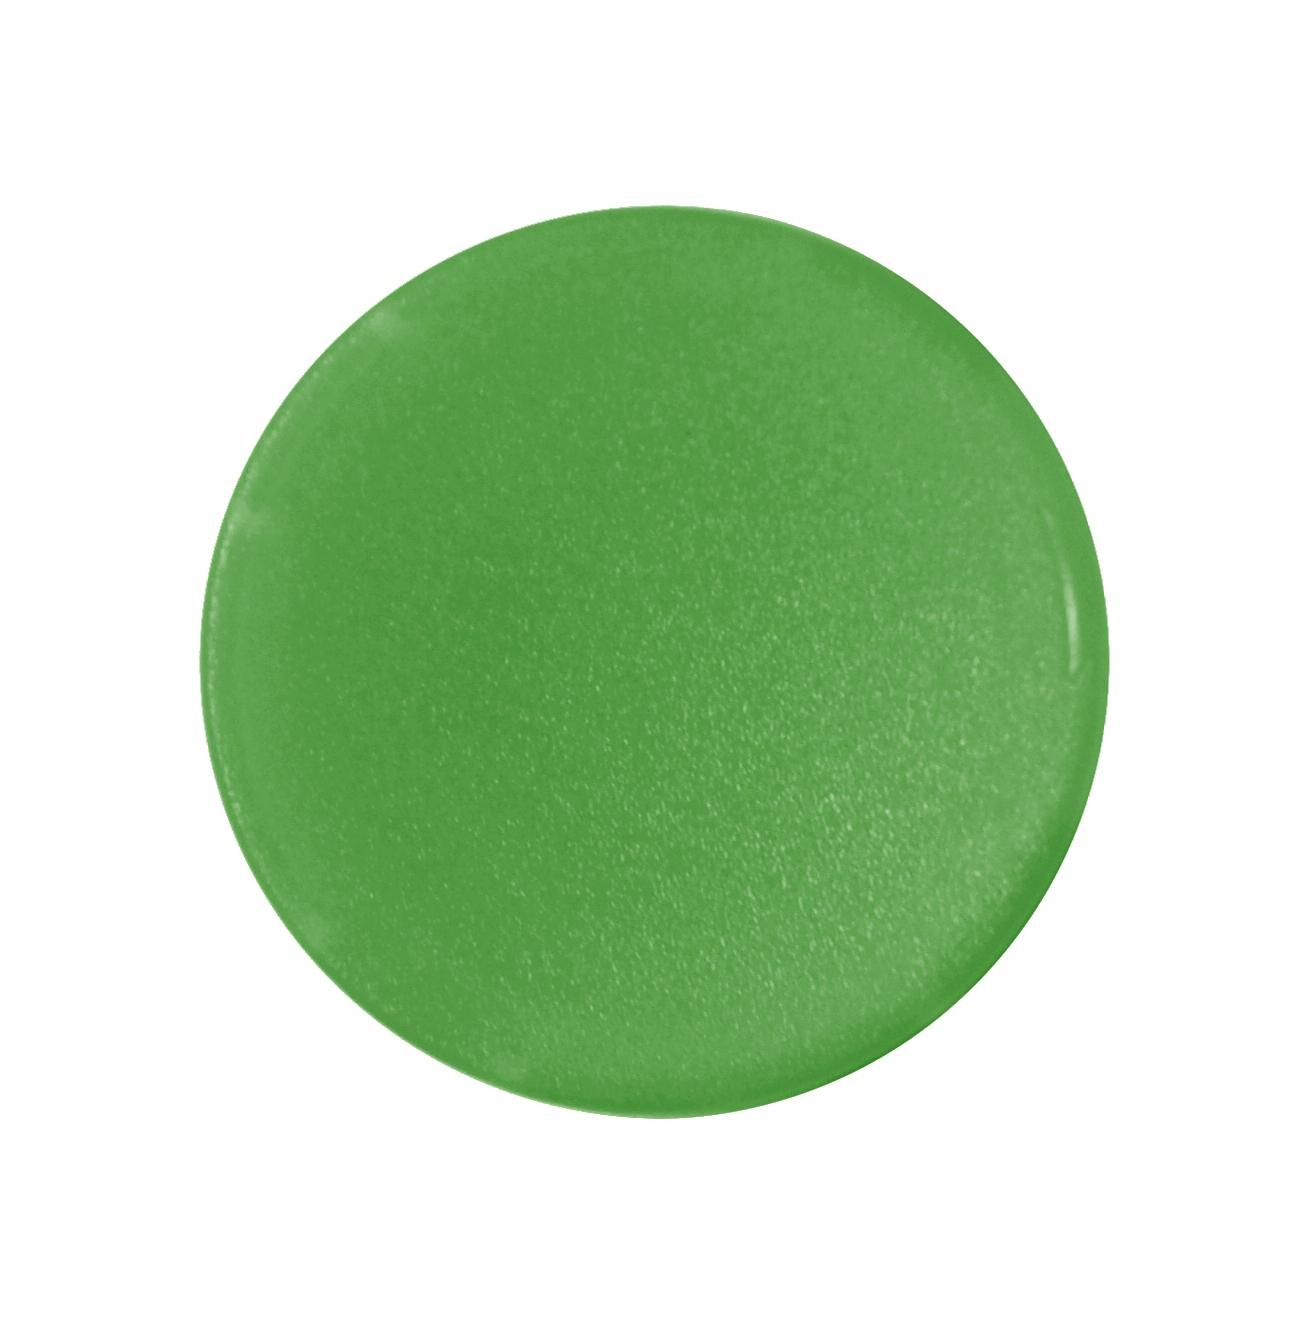 1 Stk Tastenplatte, Leuchtdrucktasten, grün MM216443--